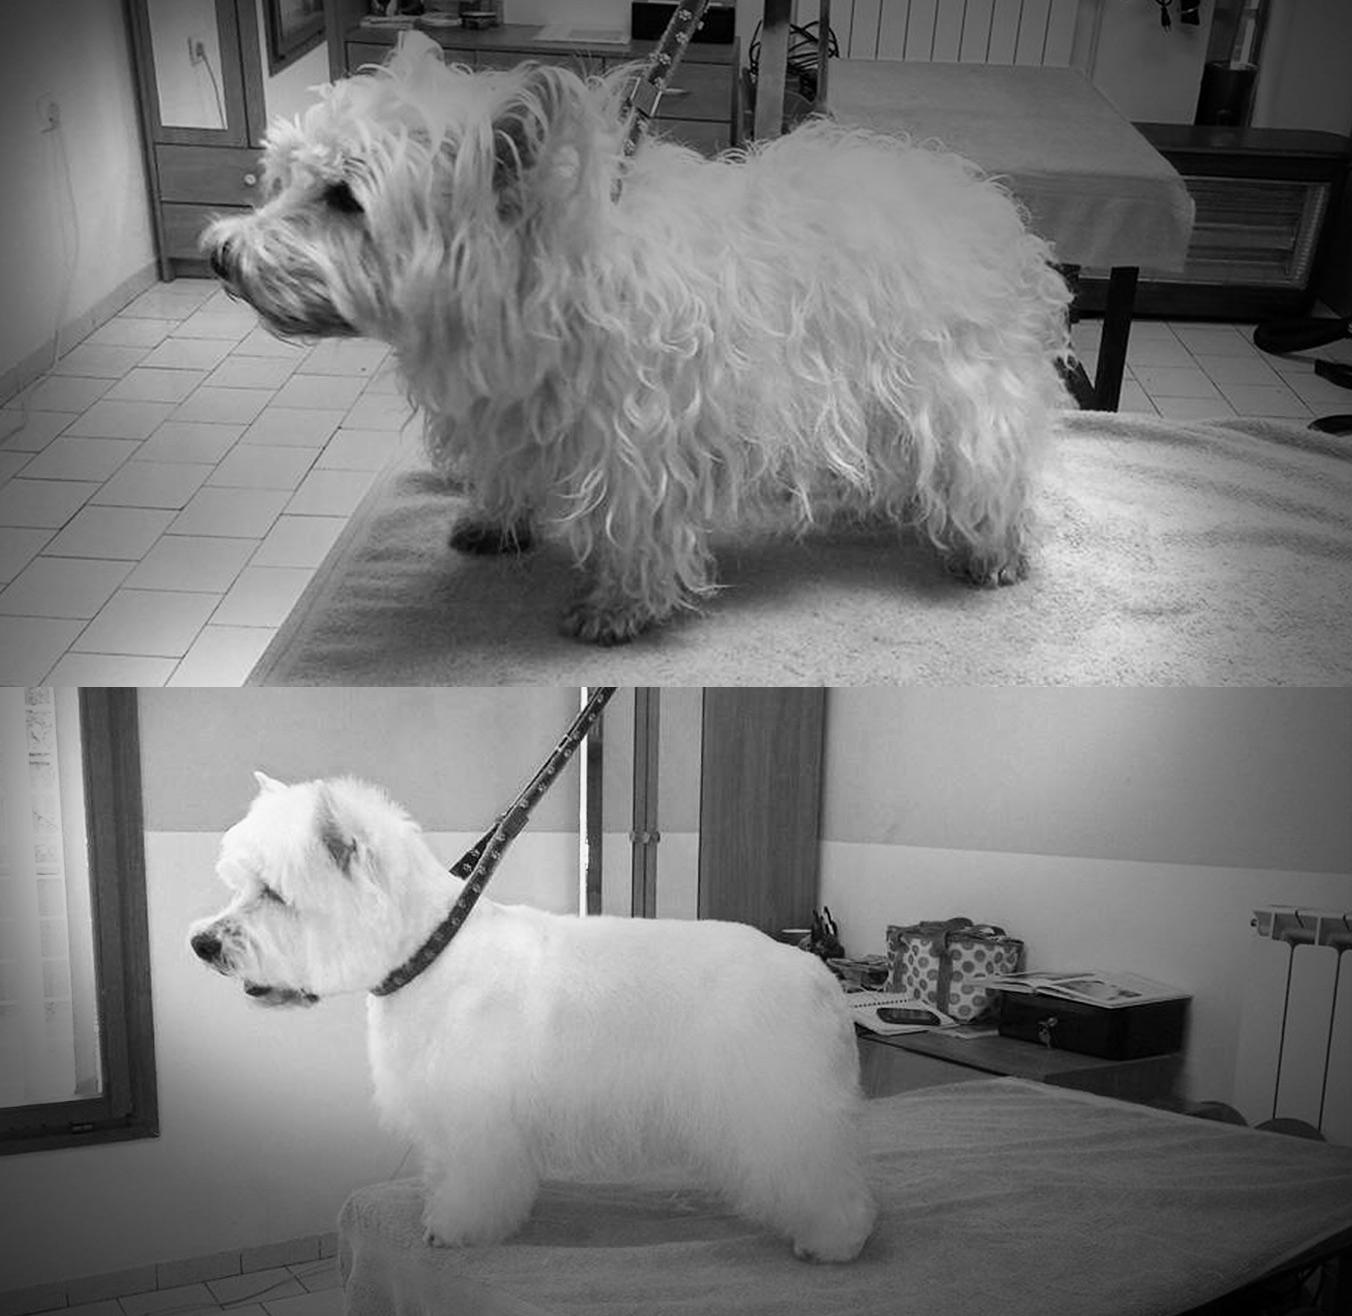 grooming5